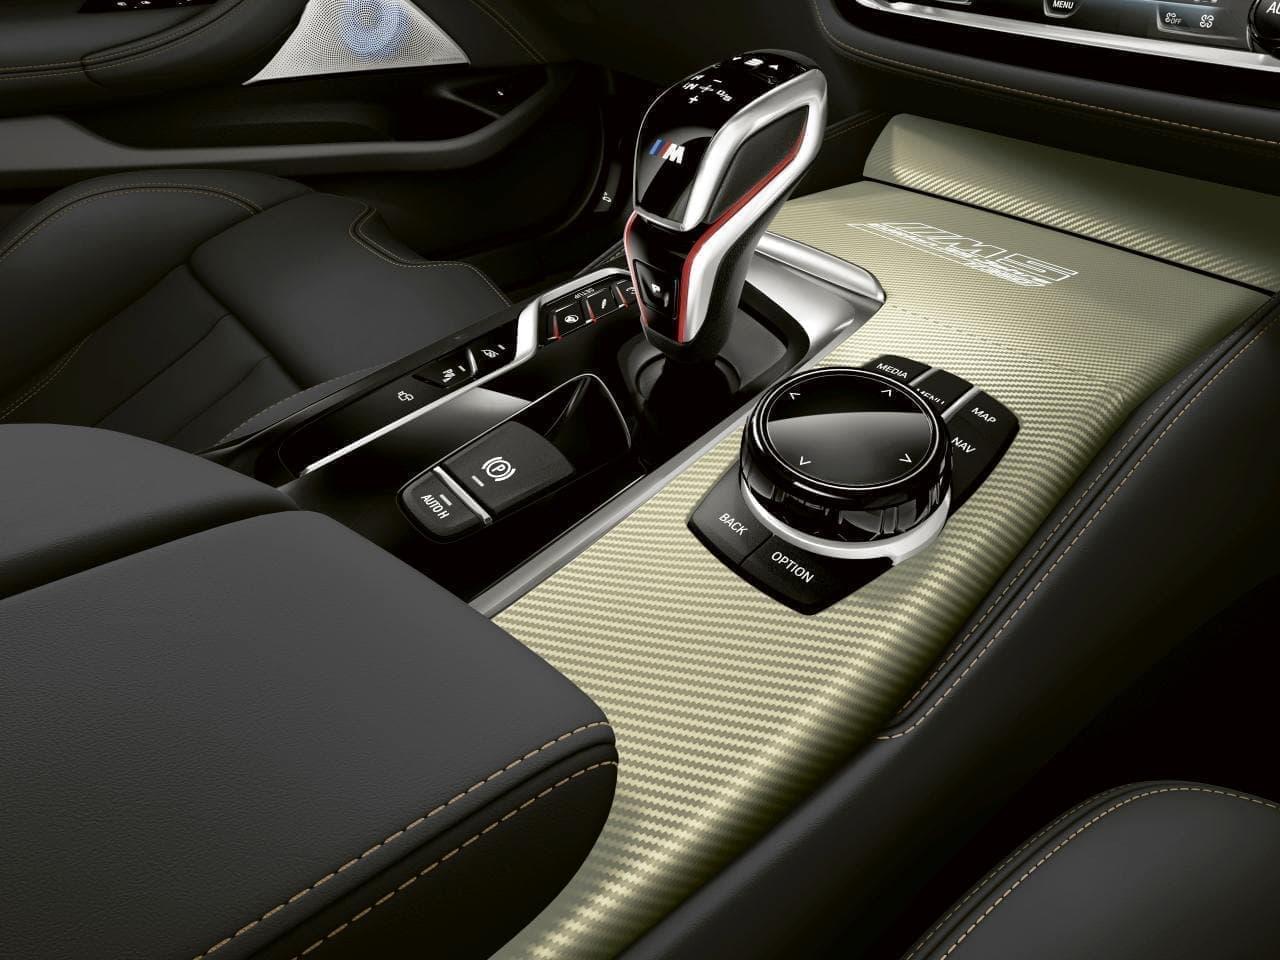 BMW M5誕生35周年を記念した特別限定車「BMW M5 35 Jahre Edition(フュンフ・ドライシッヒ・ヤーレ)」